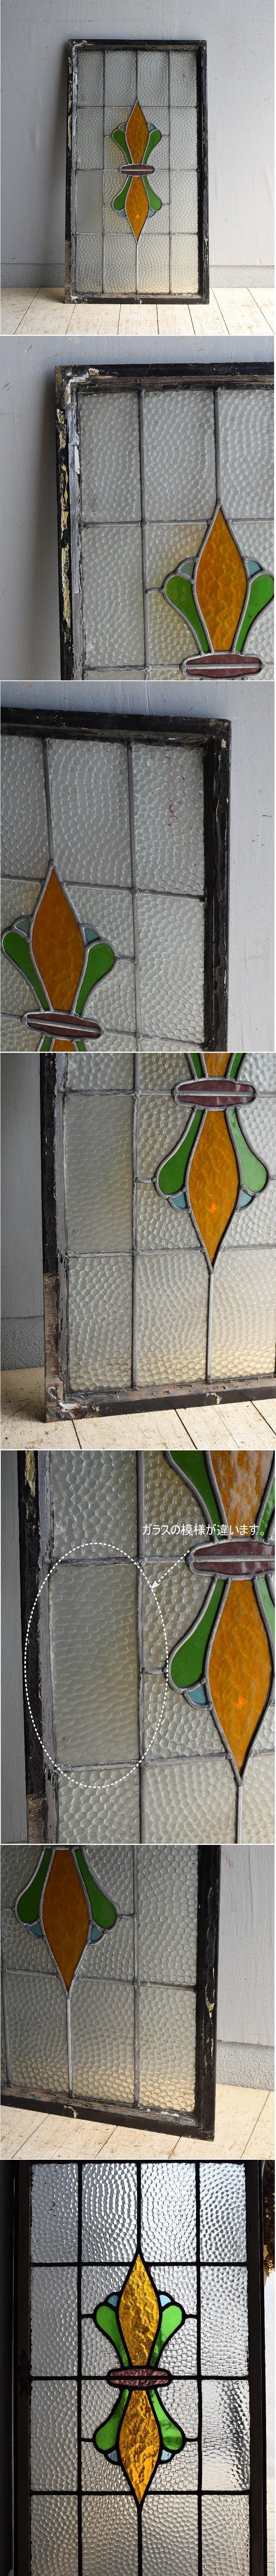 イギリス アンティーク ステンドグラス 幾何学 8540